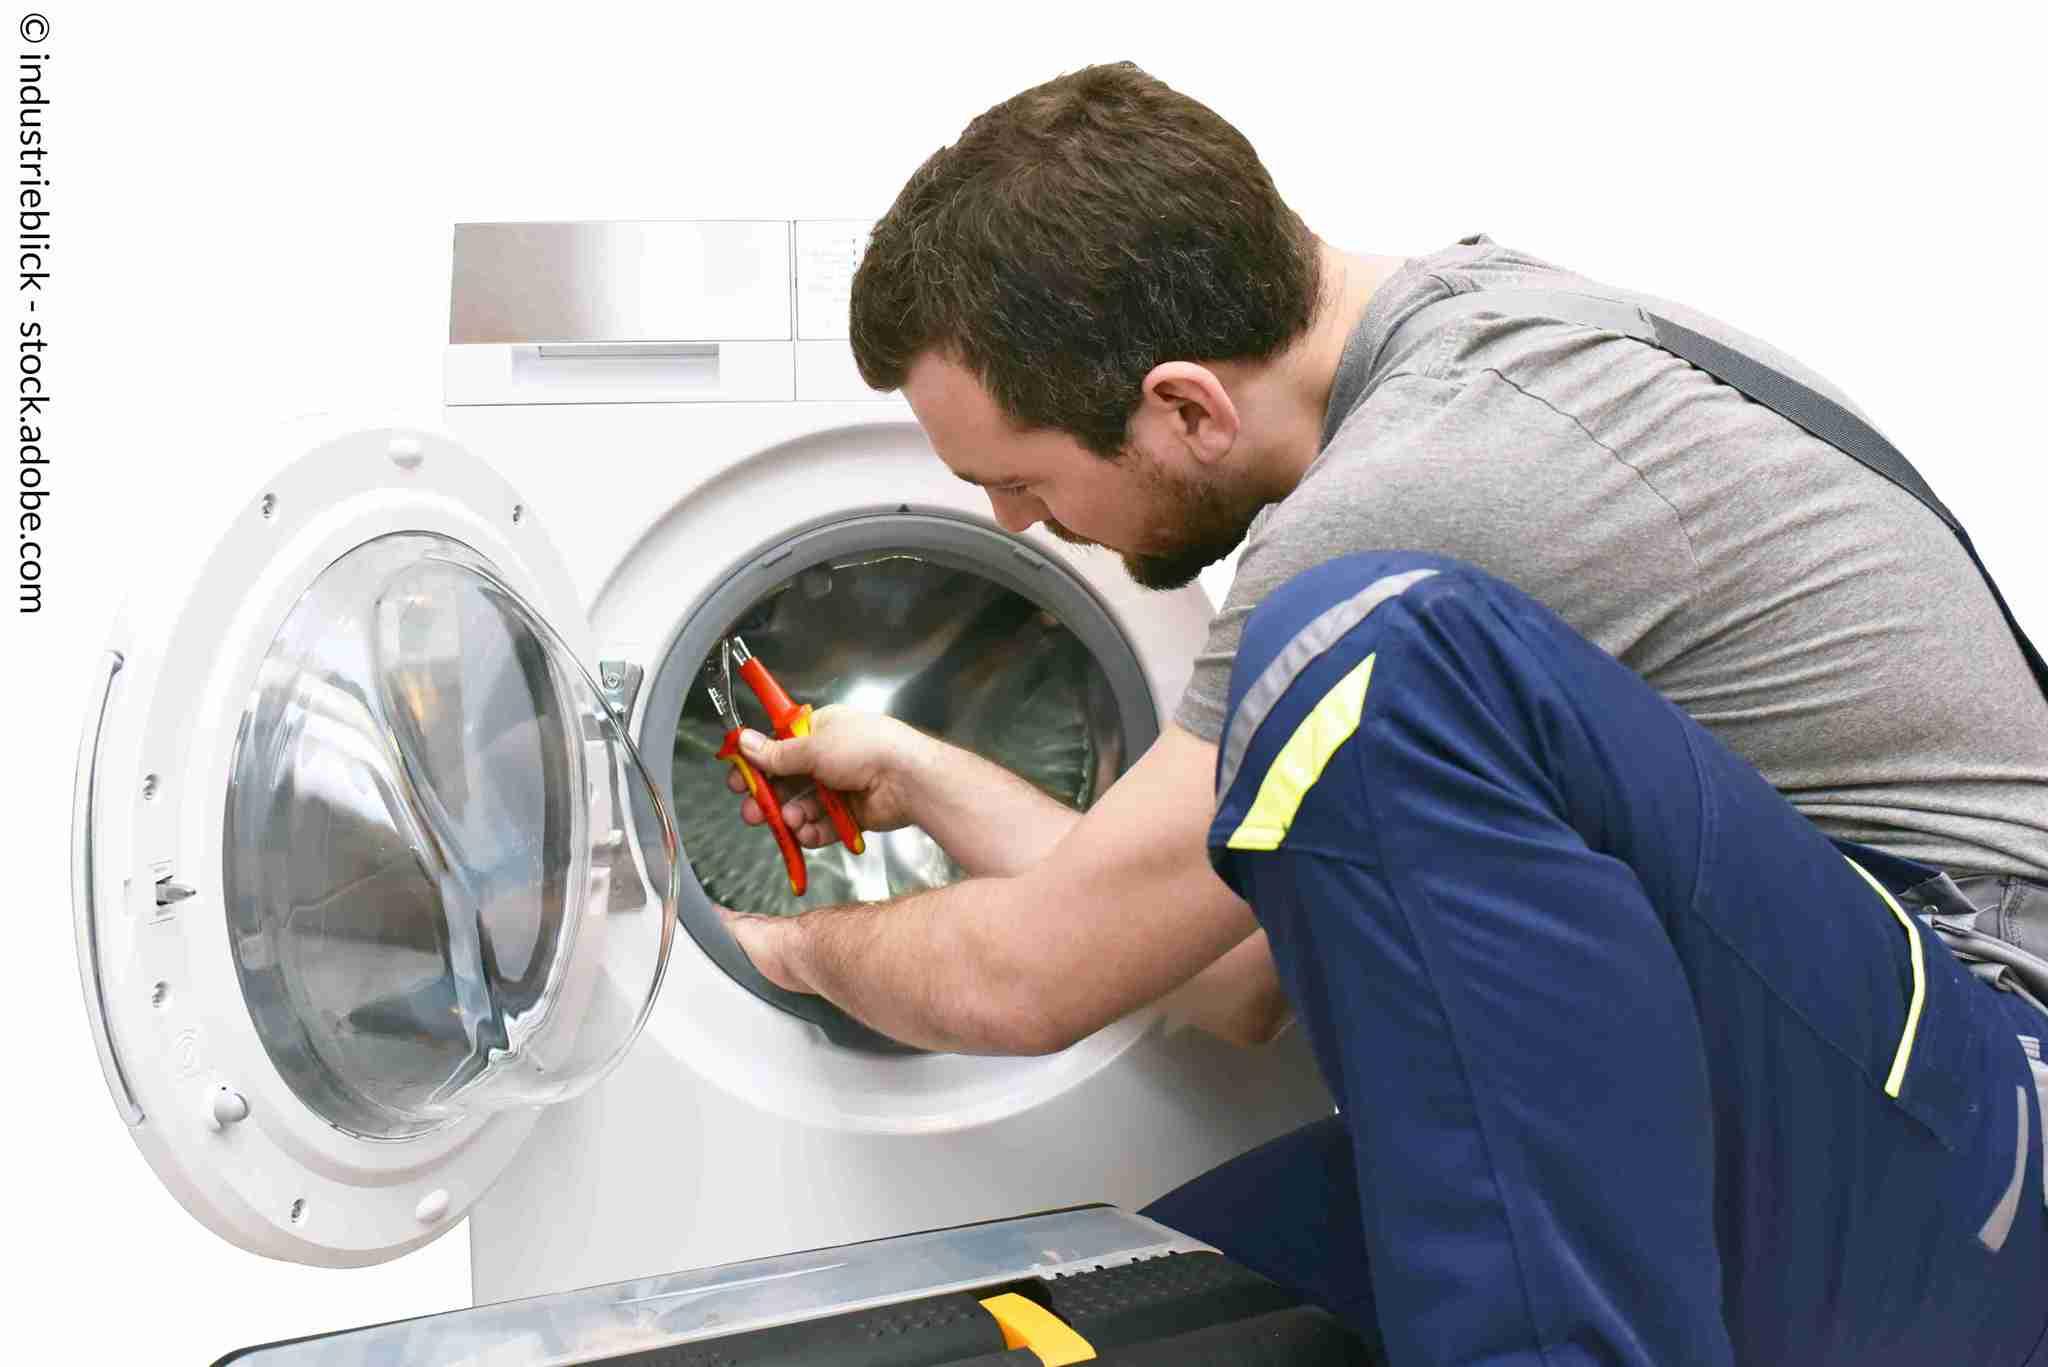 Entretien de la machine à laver : problèmes récurrents et solutions